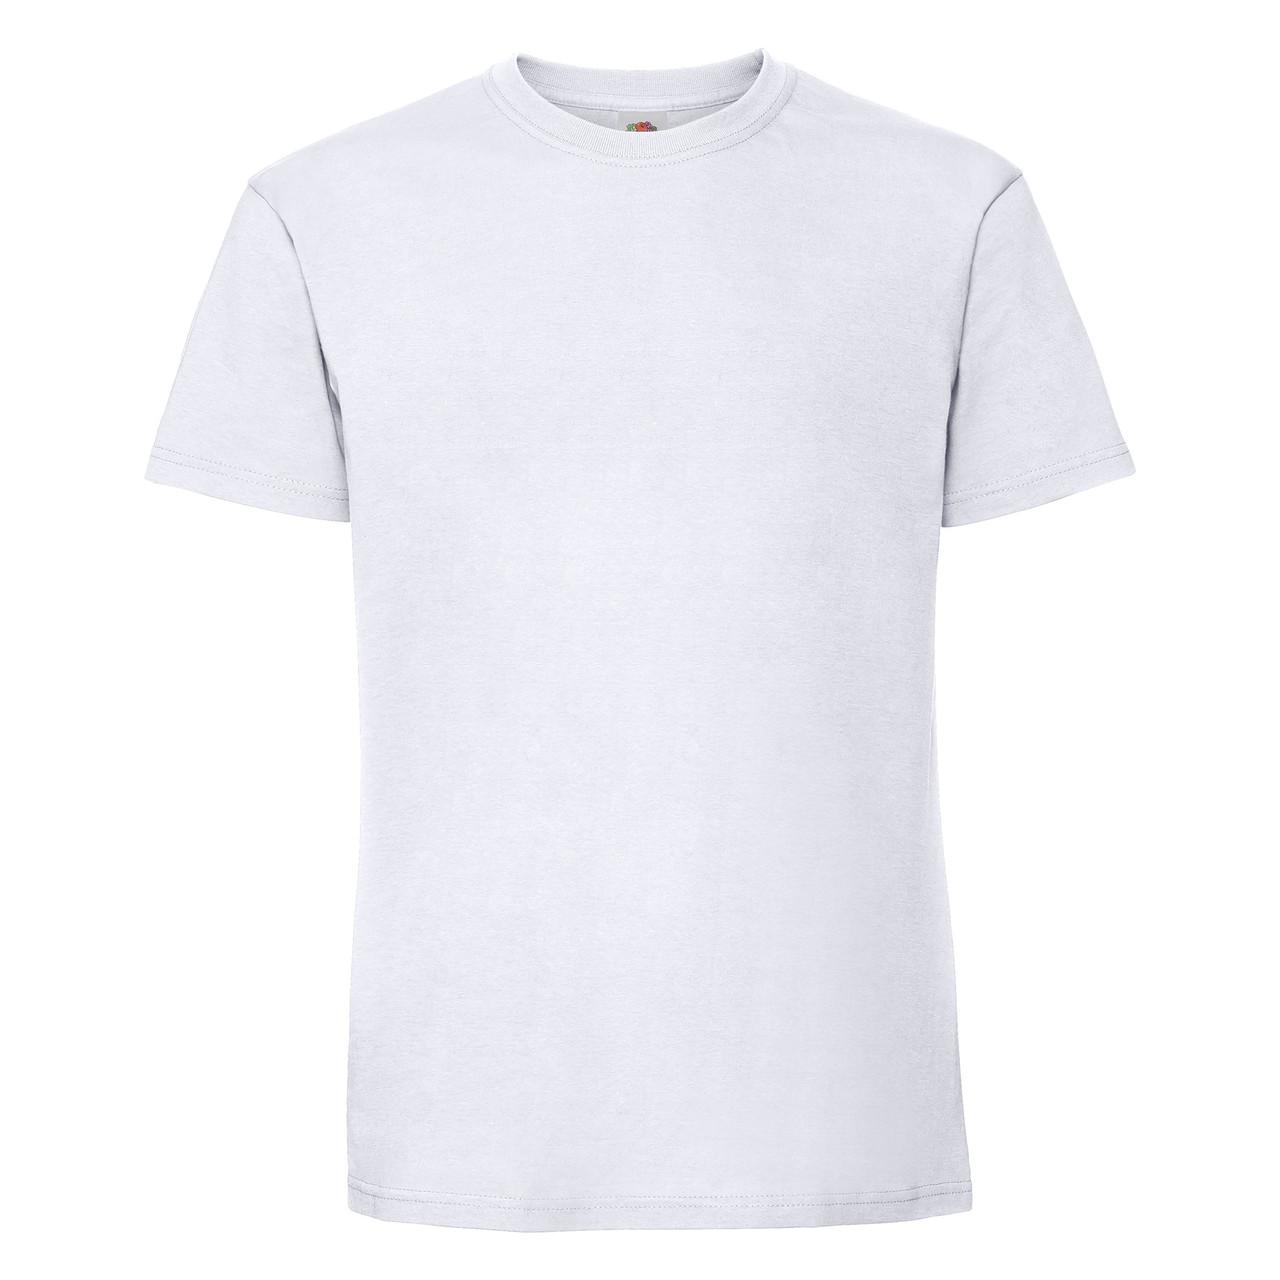 Мужская футболка плотная мягкая Белая Fruit of the loom 61-422-30 4XL